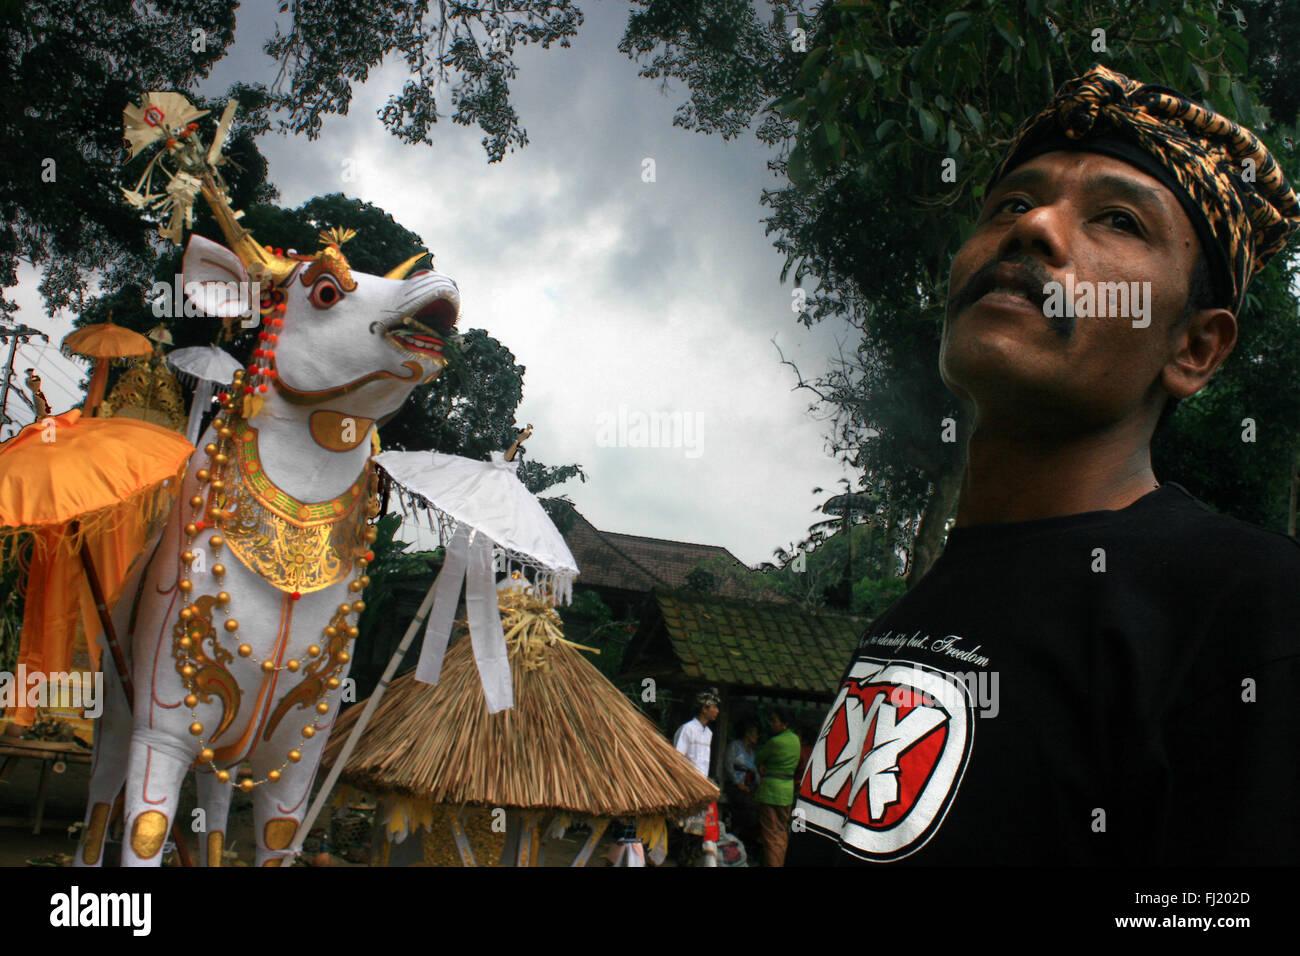 Die einäscherung Zeremonie, Ngaben, Pelebon Yadyna Pitra, in Bali, Indonesien Stockbild